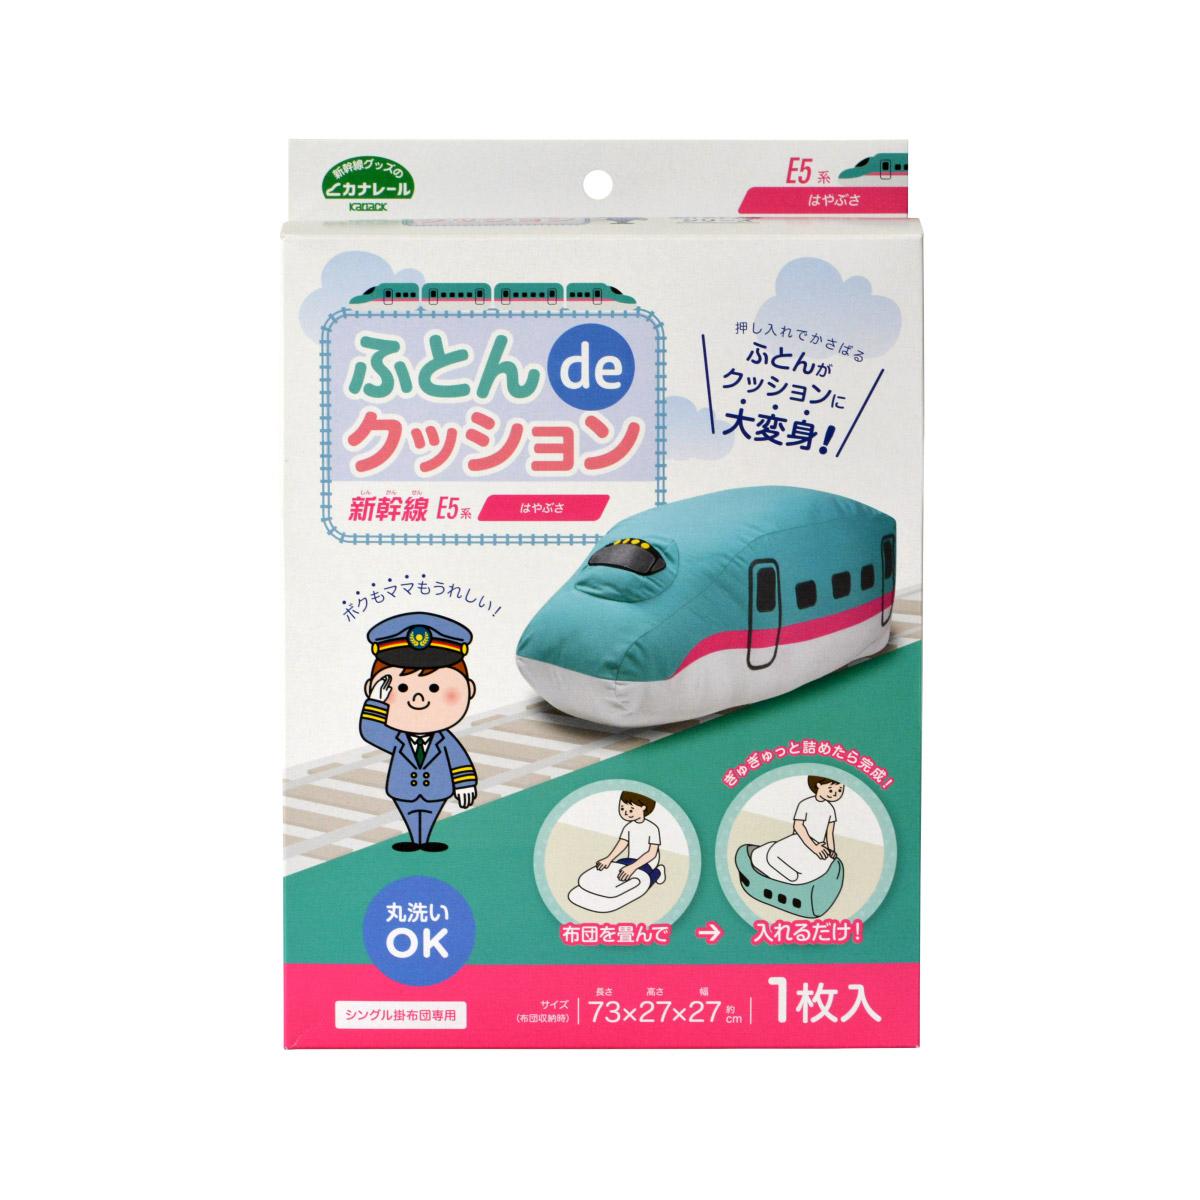 ふとんdeクッション(布団収納カバー)E5系はやぶさ(東北新幹線)